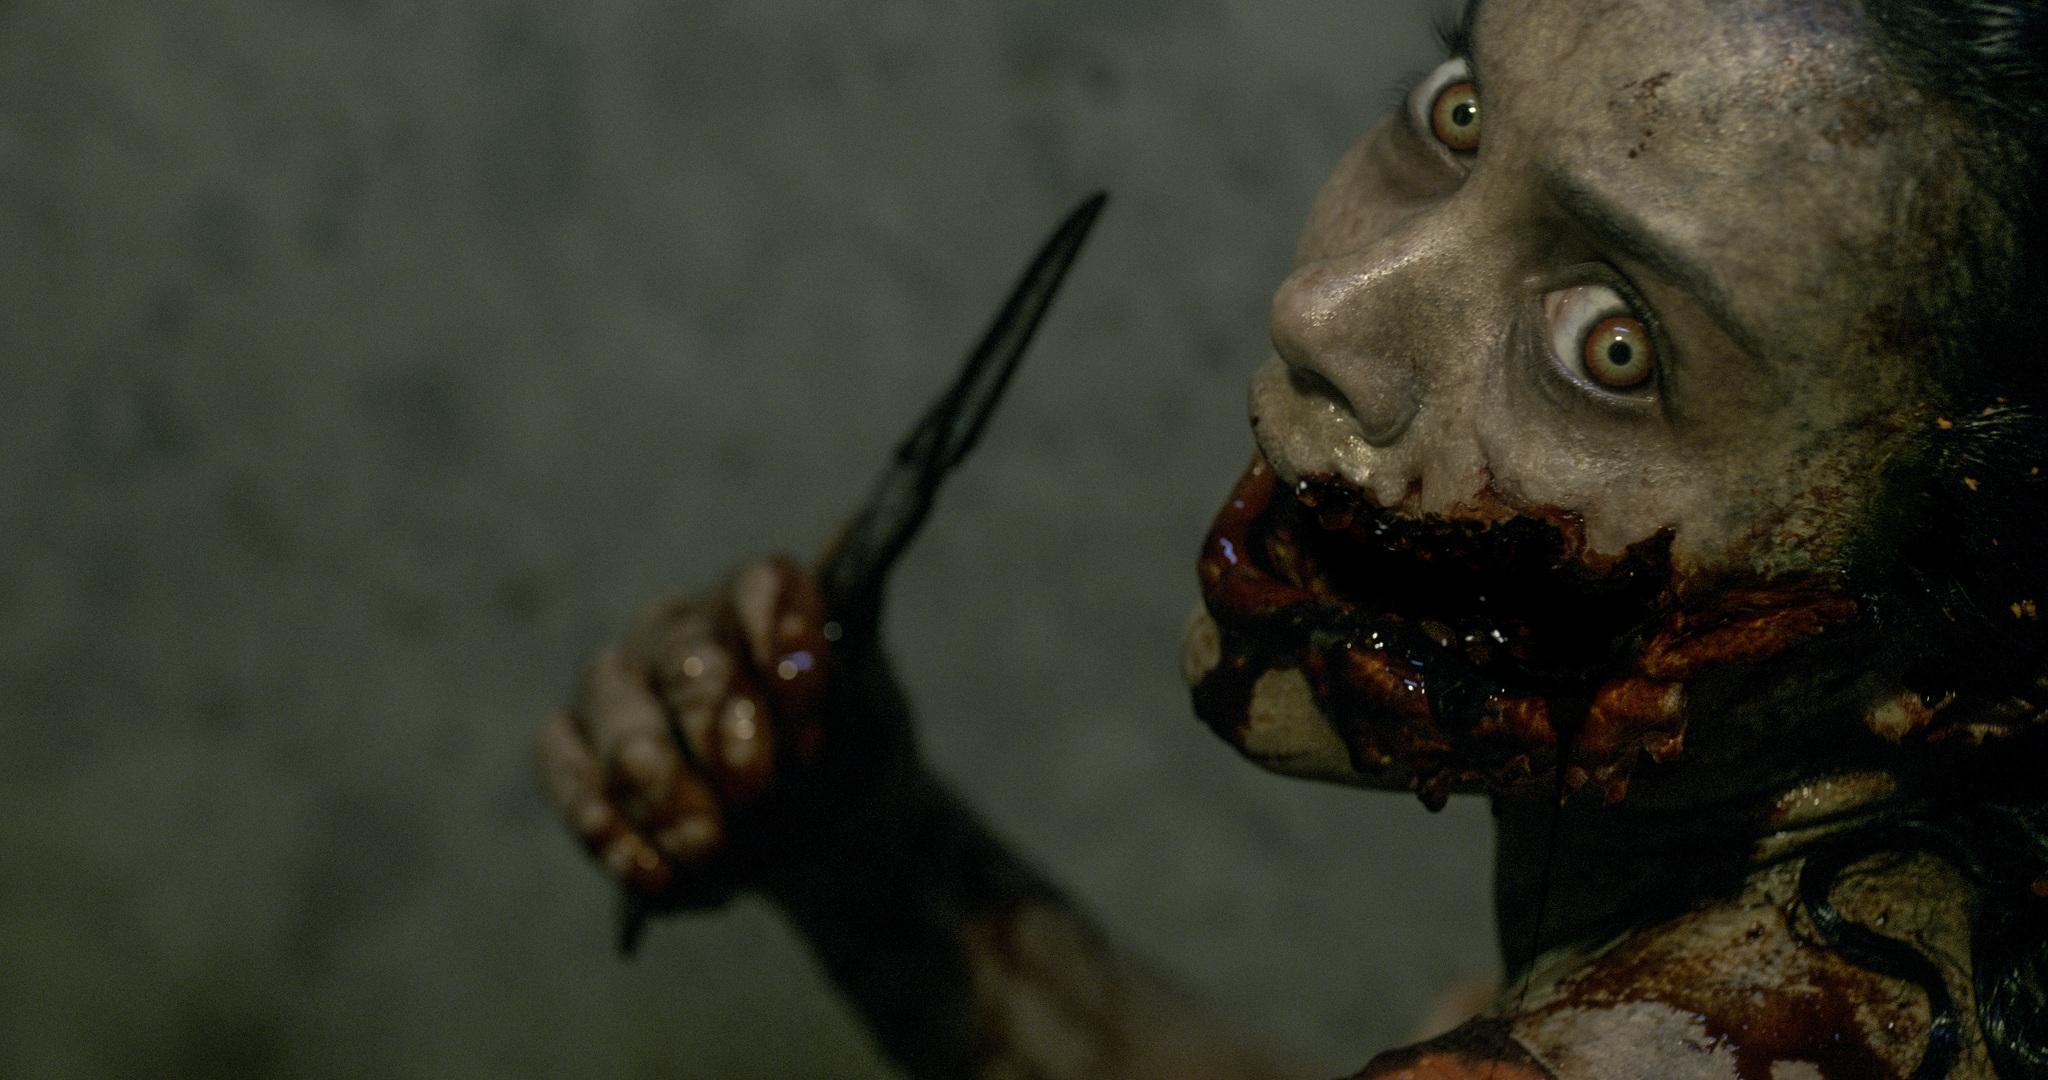 Evil Dead dark horror (Evil Dead) 2013 r wallpaper ...